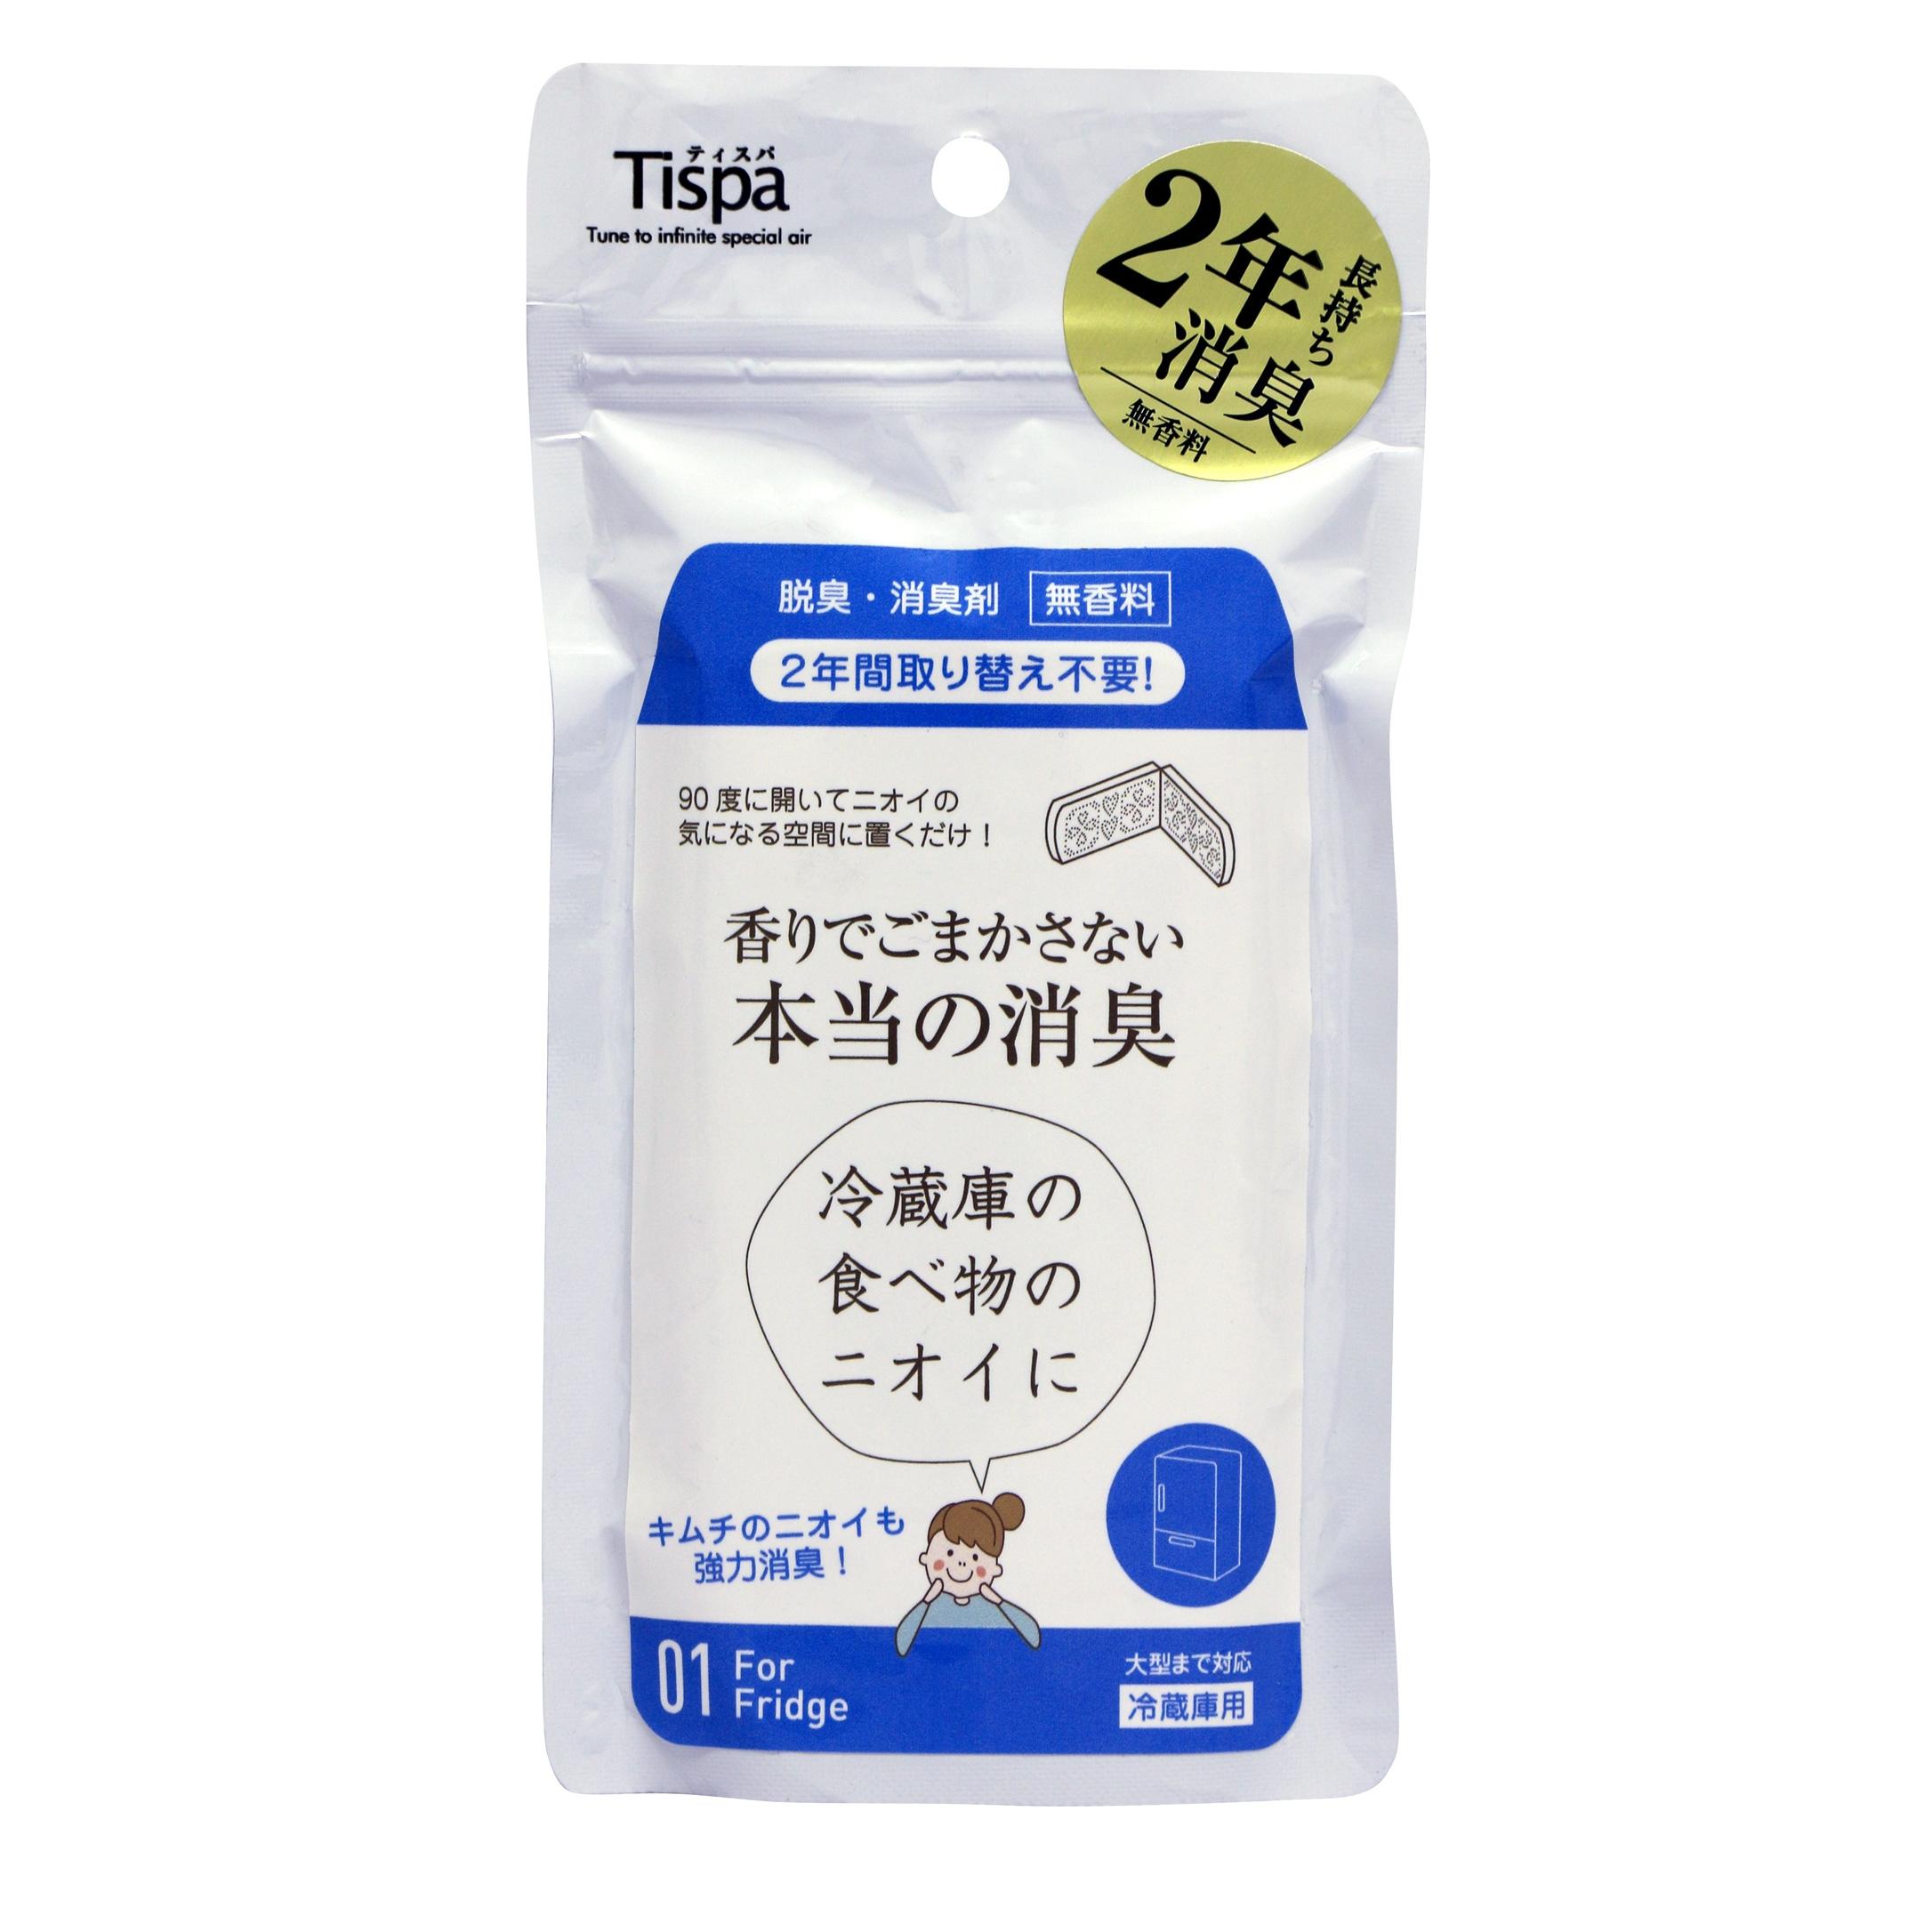 柿ダノミ+Tispa 香りでごまかさない本当の消臭